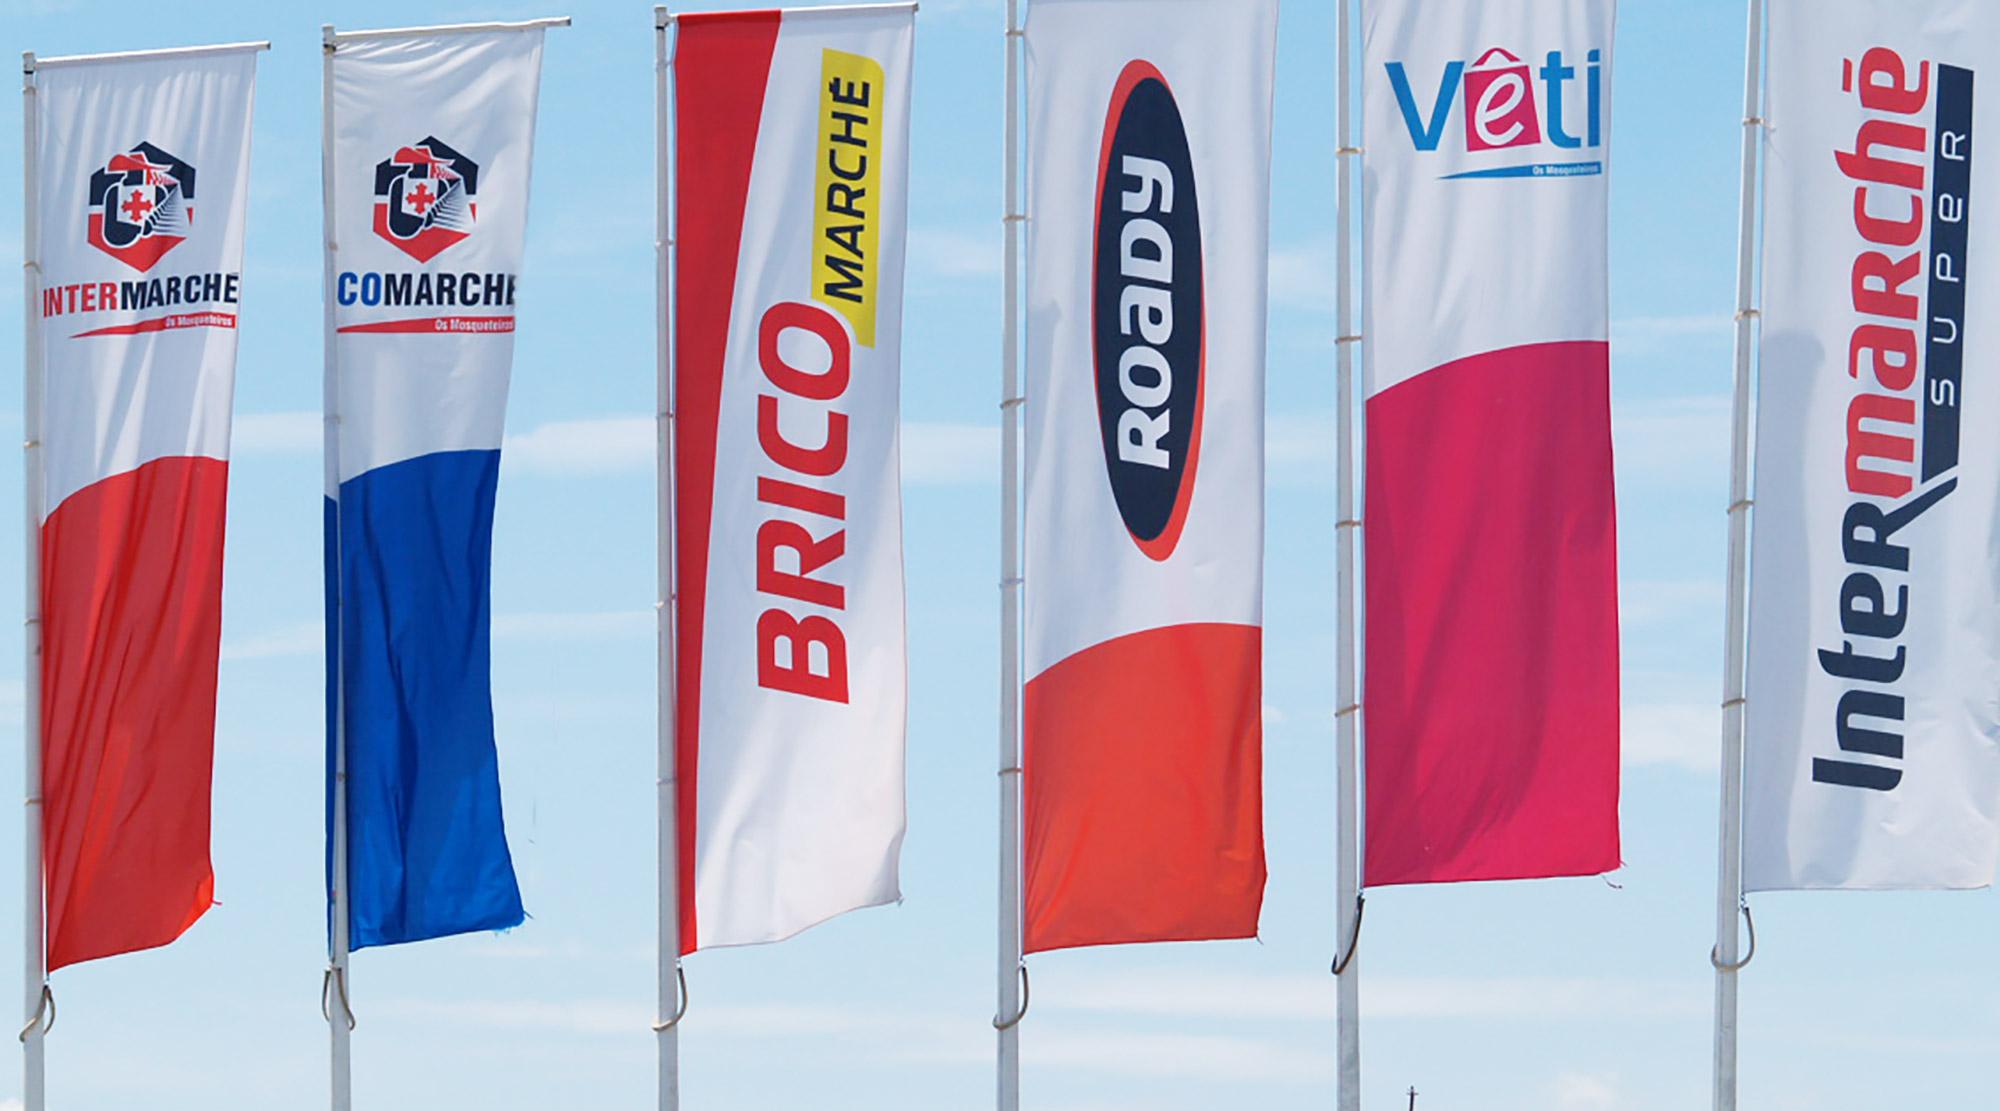 Bandeiras estampadas (impressas) ou bordadas